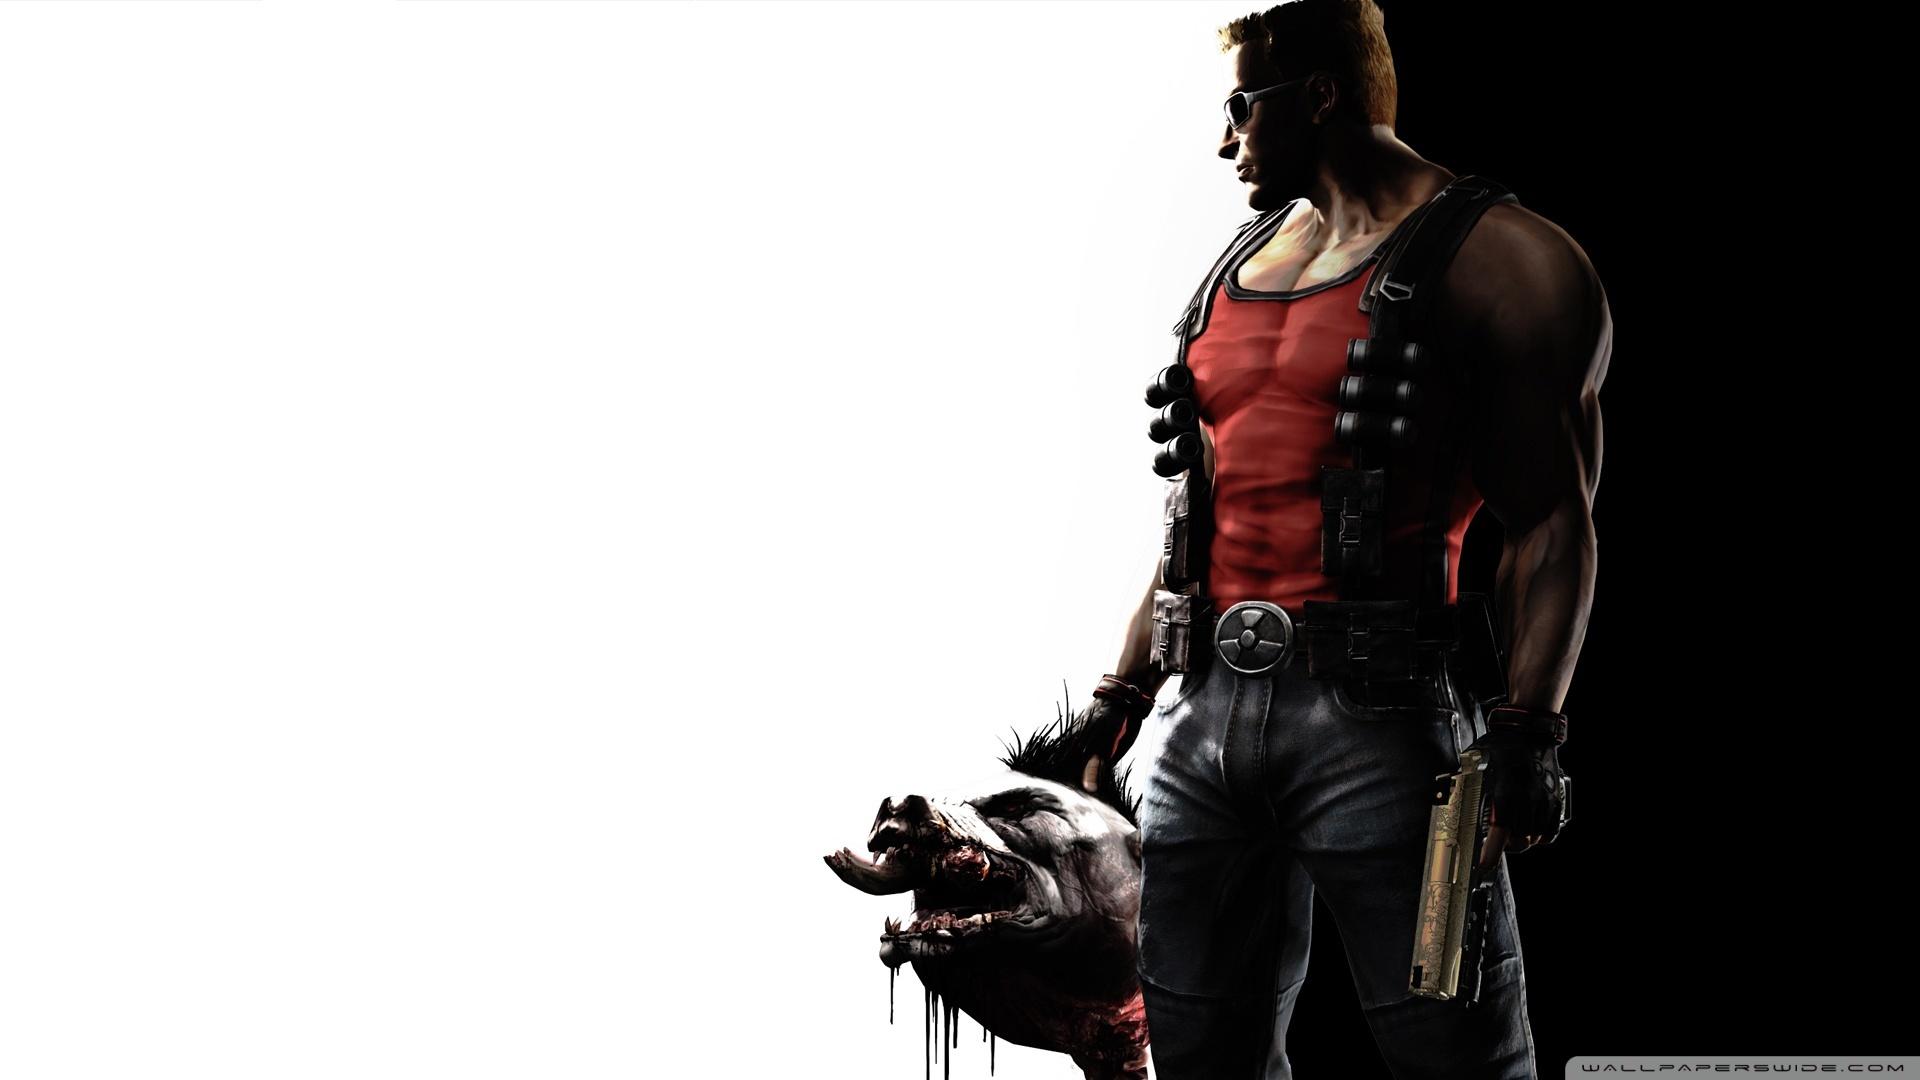 21840 descargar fondo de pantalla Juegos, Duke Nukem: protectores de pantalla e imágenes gratis